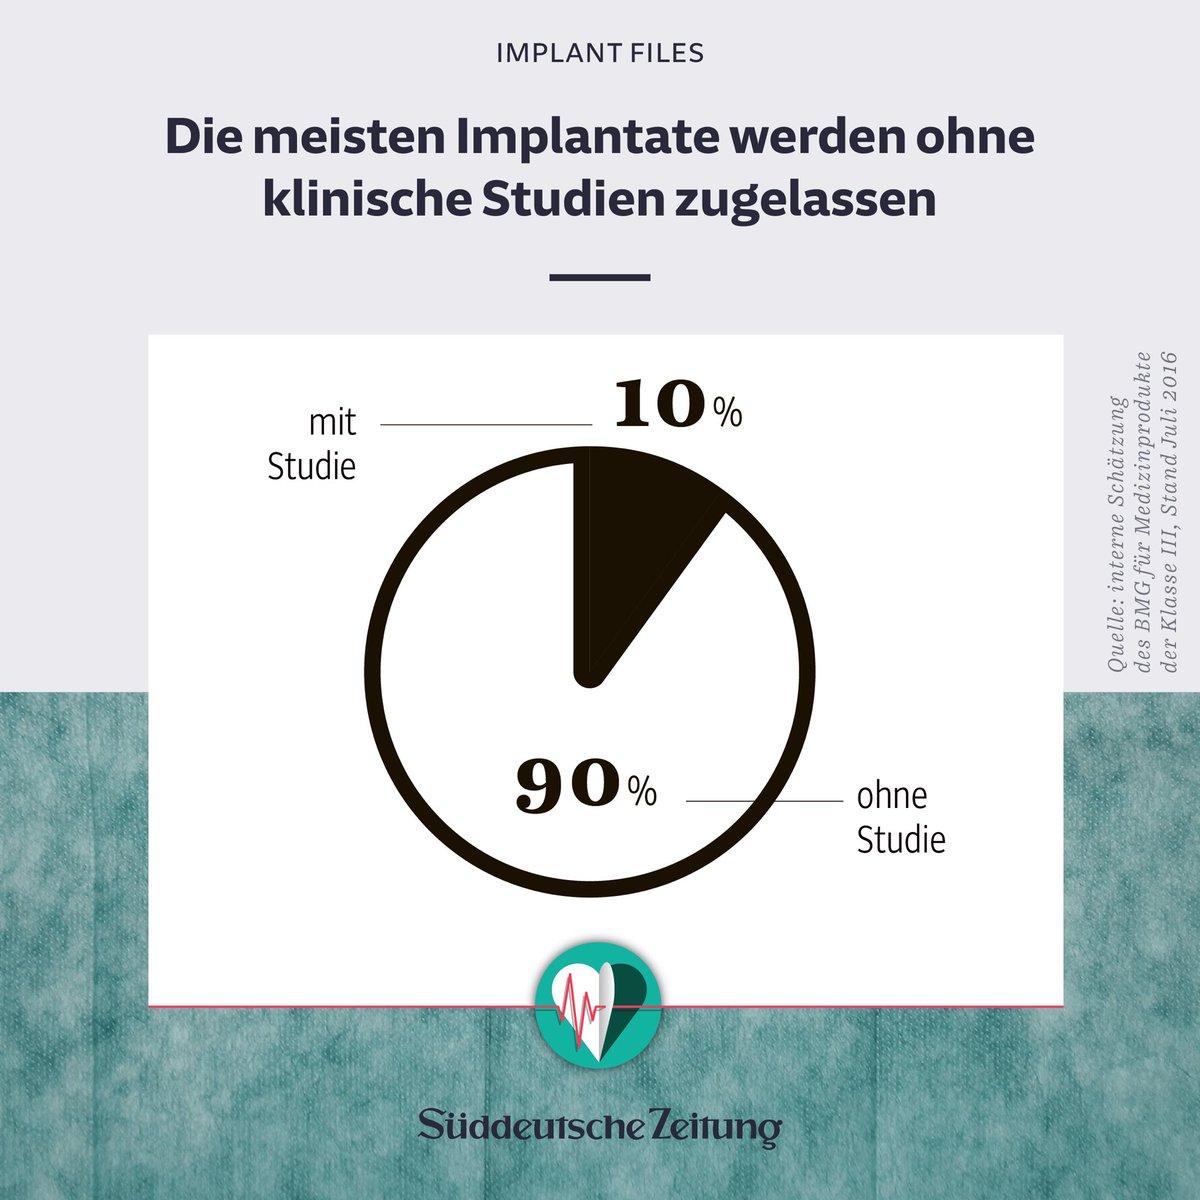 Suddeutsche Zeitung On Twitter Alle Implantfiles Finden Sie Unter Https T Co Qlkhvjb